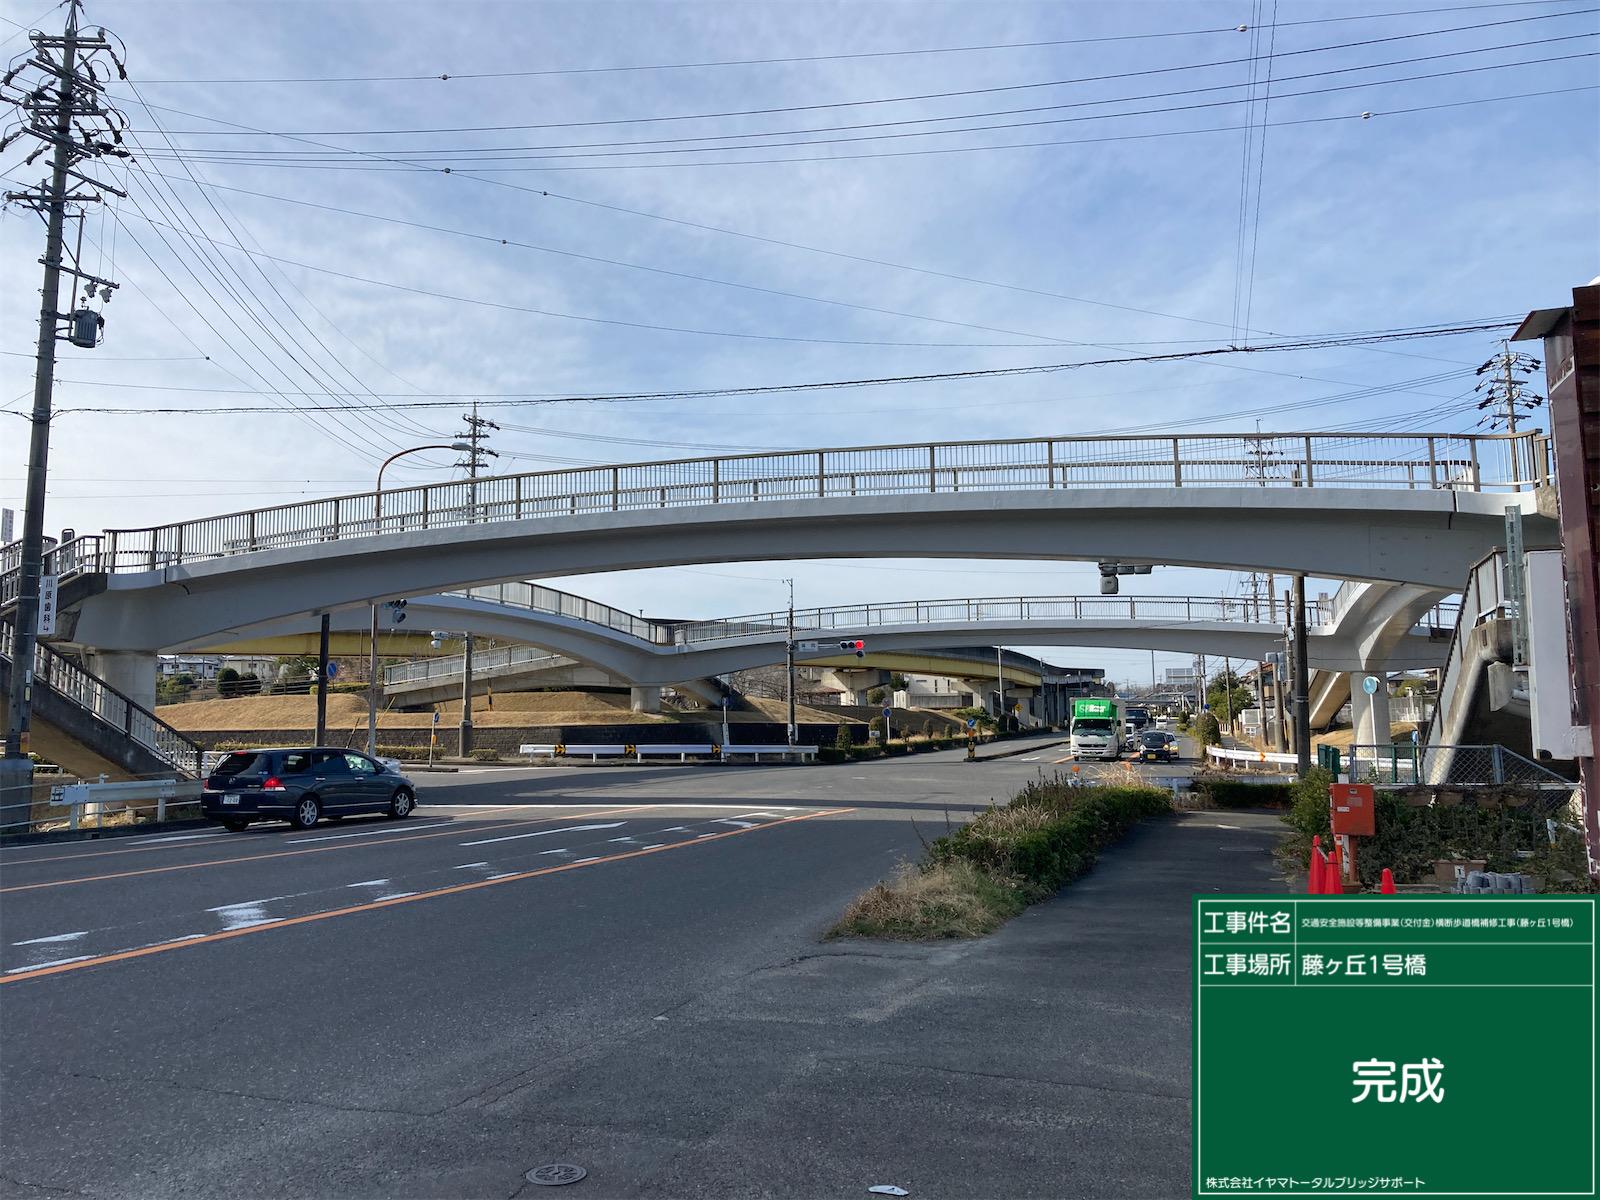 交通安全施設等整備事業(交付金)横断歩道橋補修工事(藤ヶ丘1号橋)